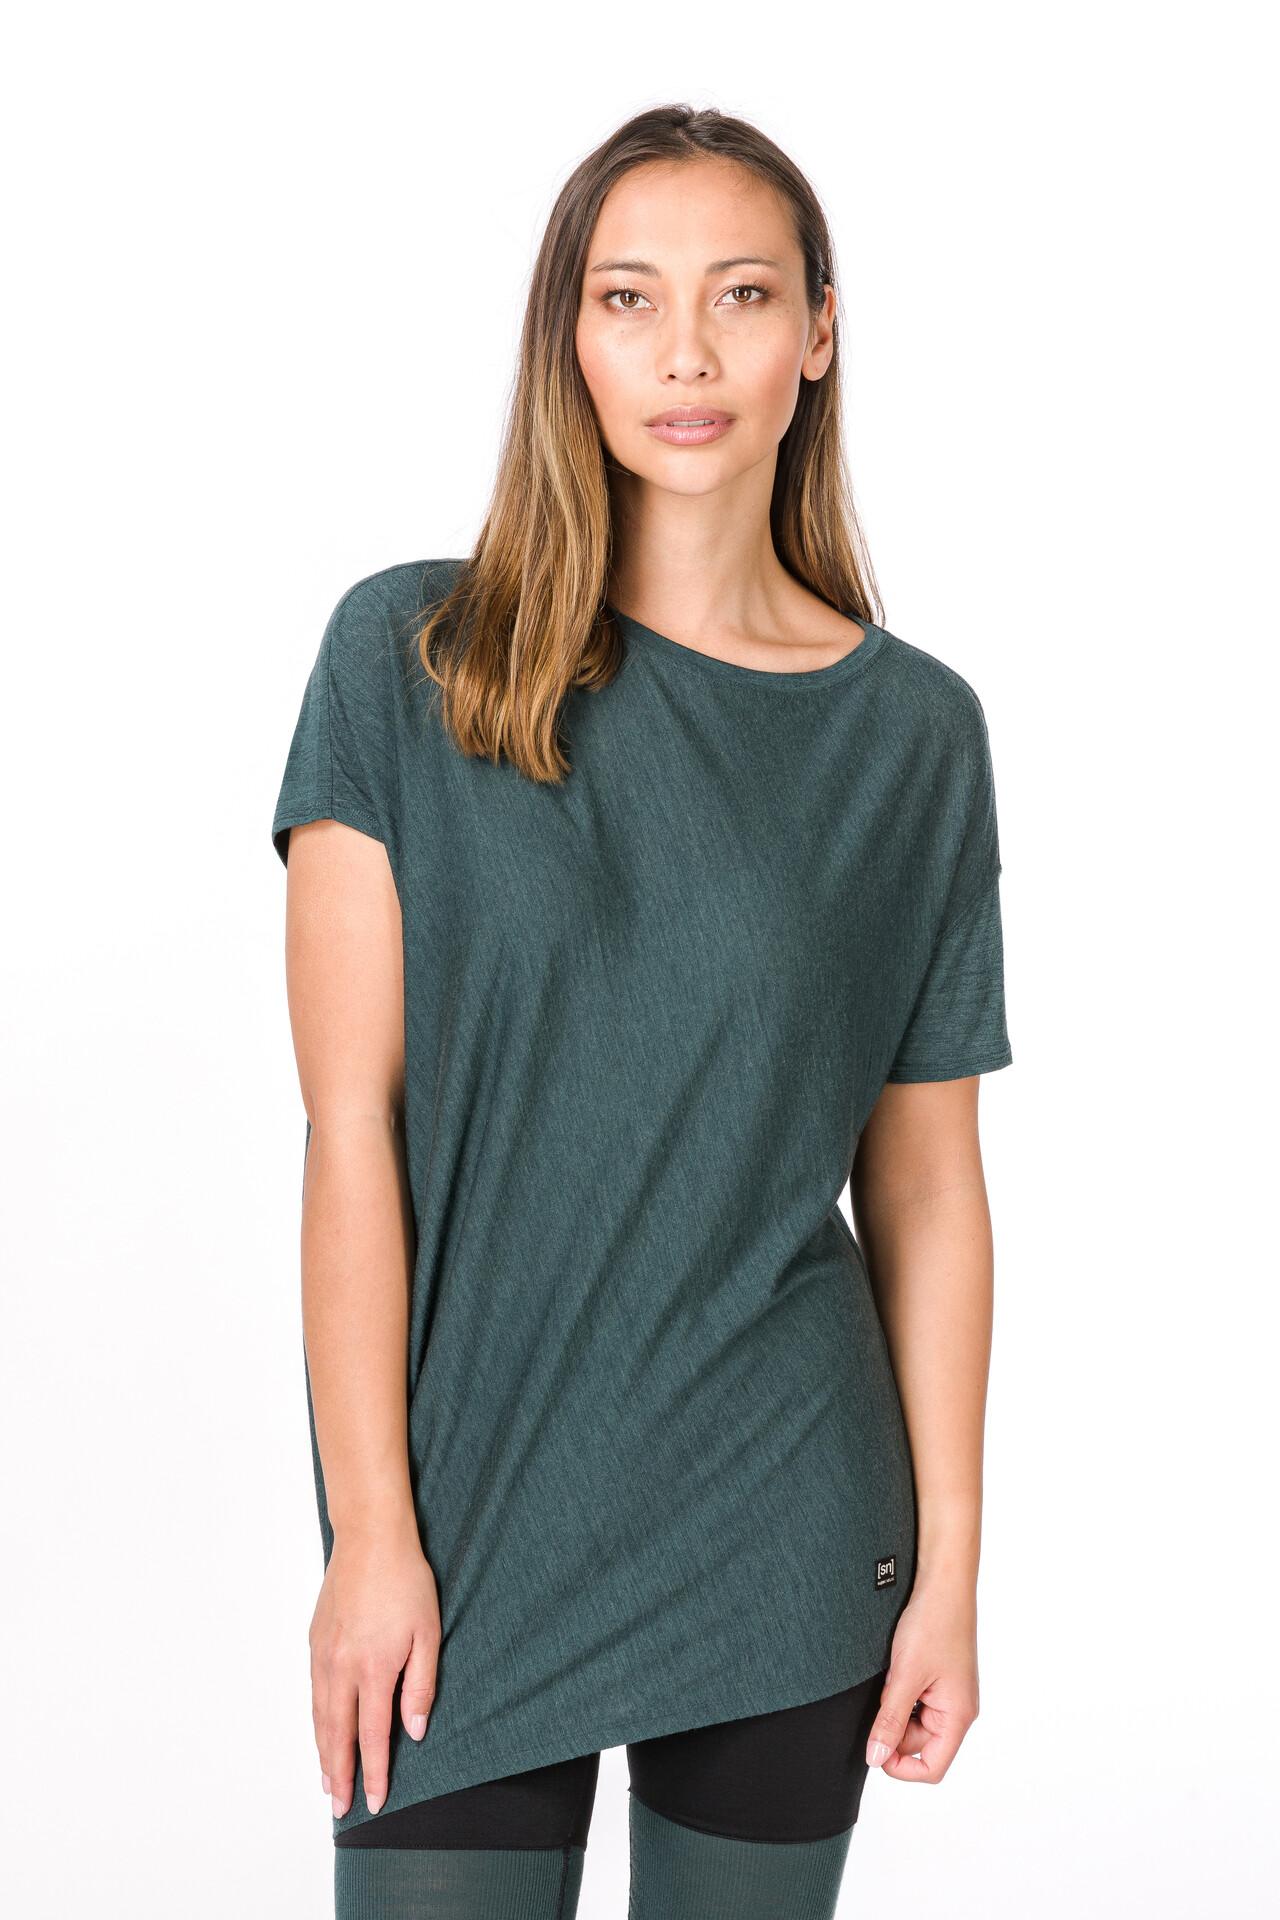 Ample T Yoga Moss Shirt FemmeSea Super natural CEdBeWxoQr